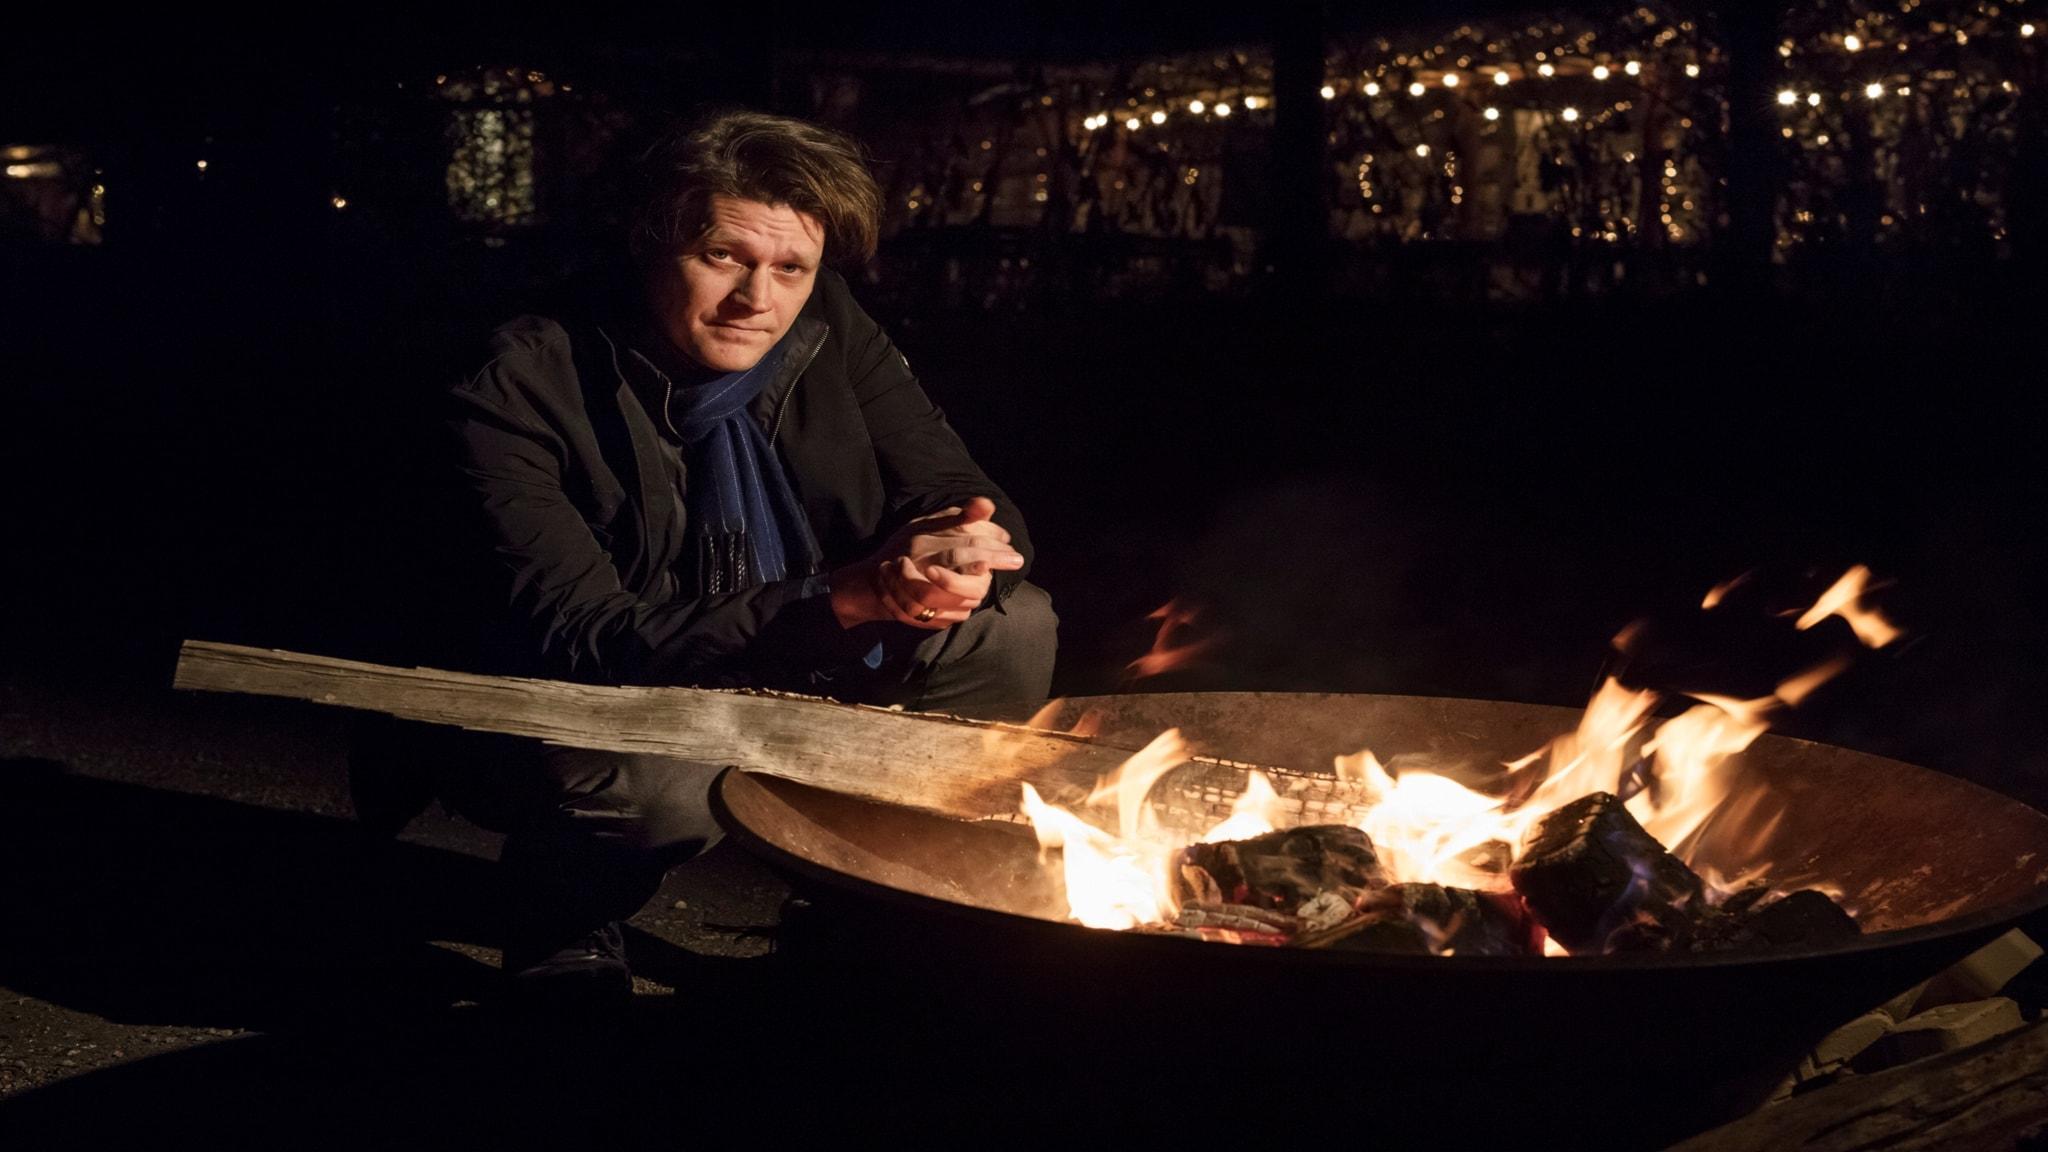 Det brinner en eld med Daniel Sjölin del 2: Elden - förvandlaren